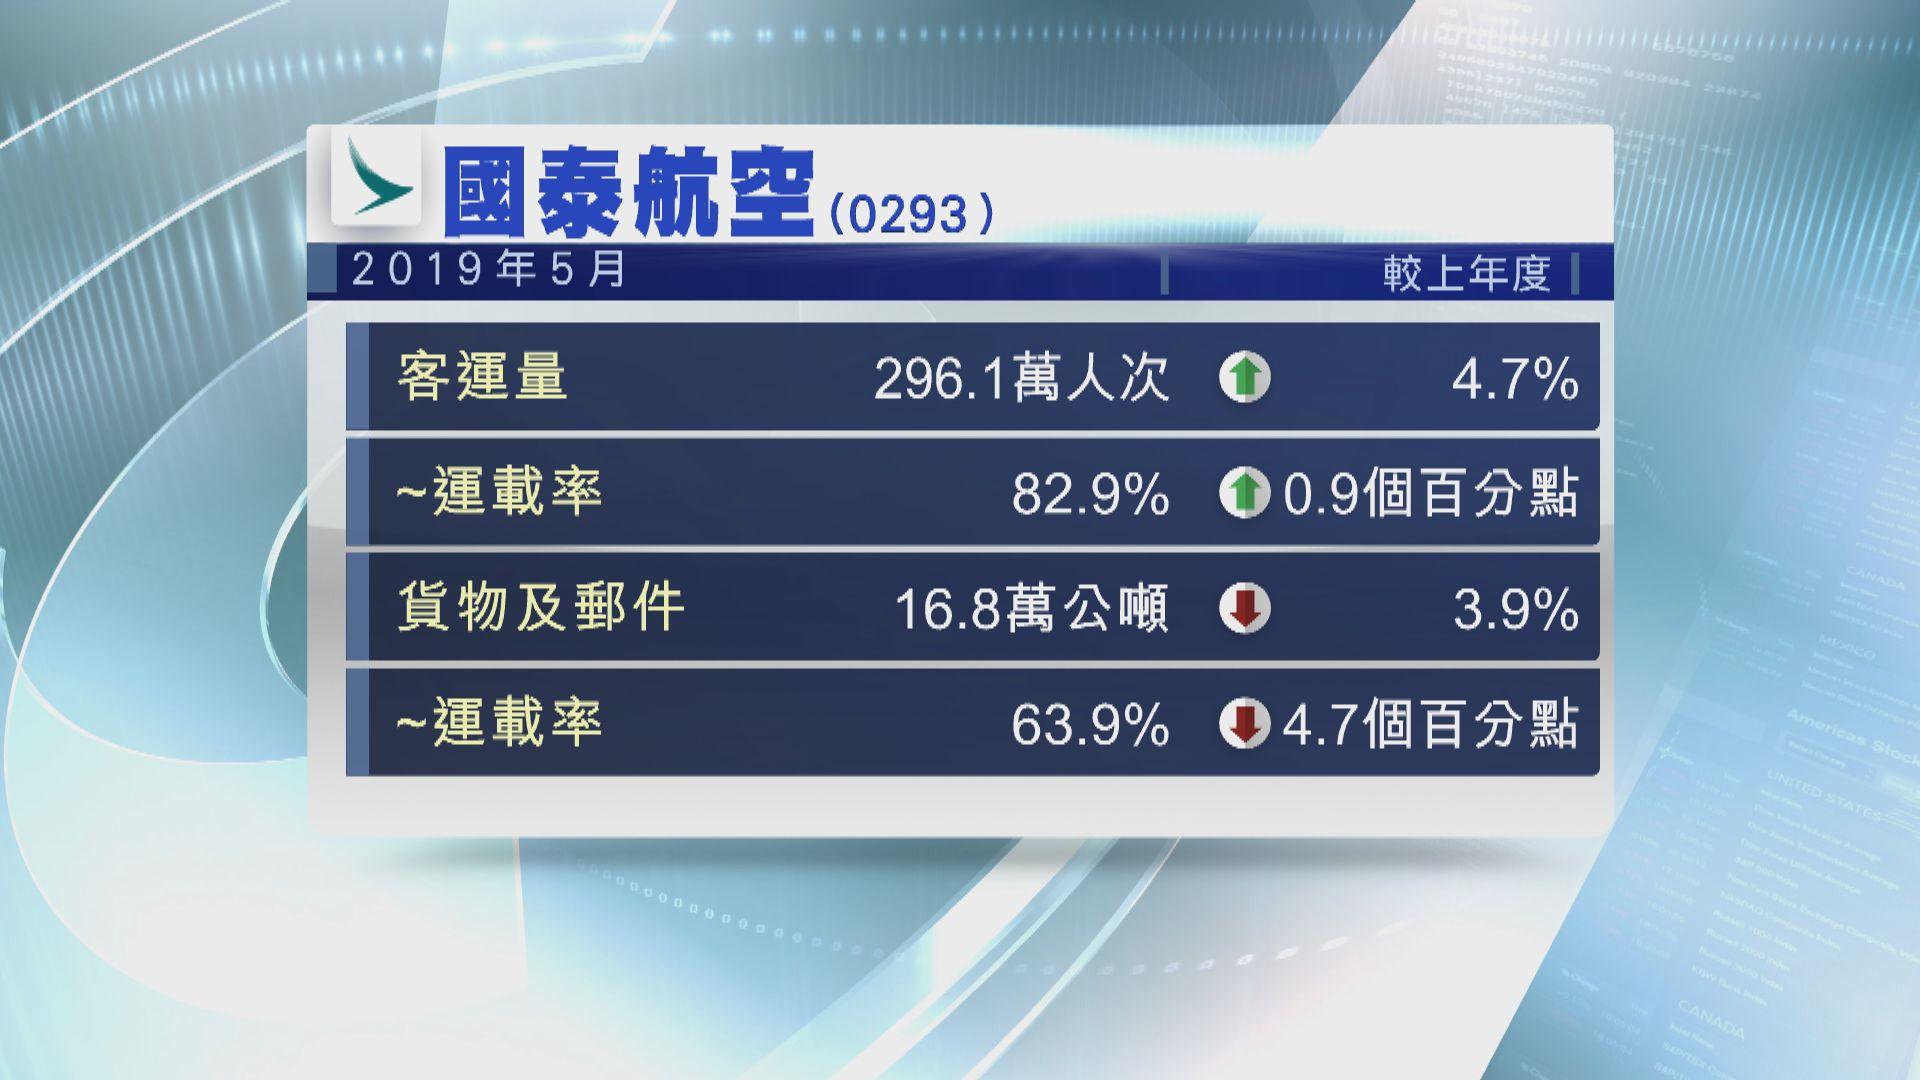 【最新數據】國泰上月客運量升4.7%